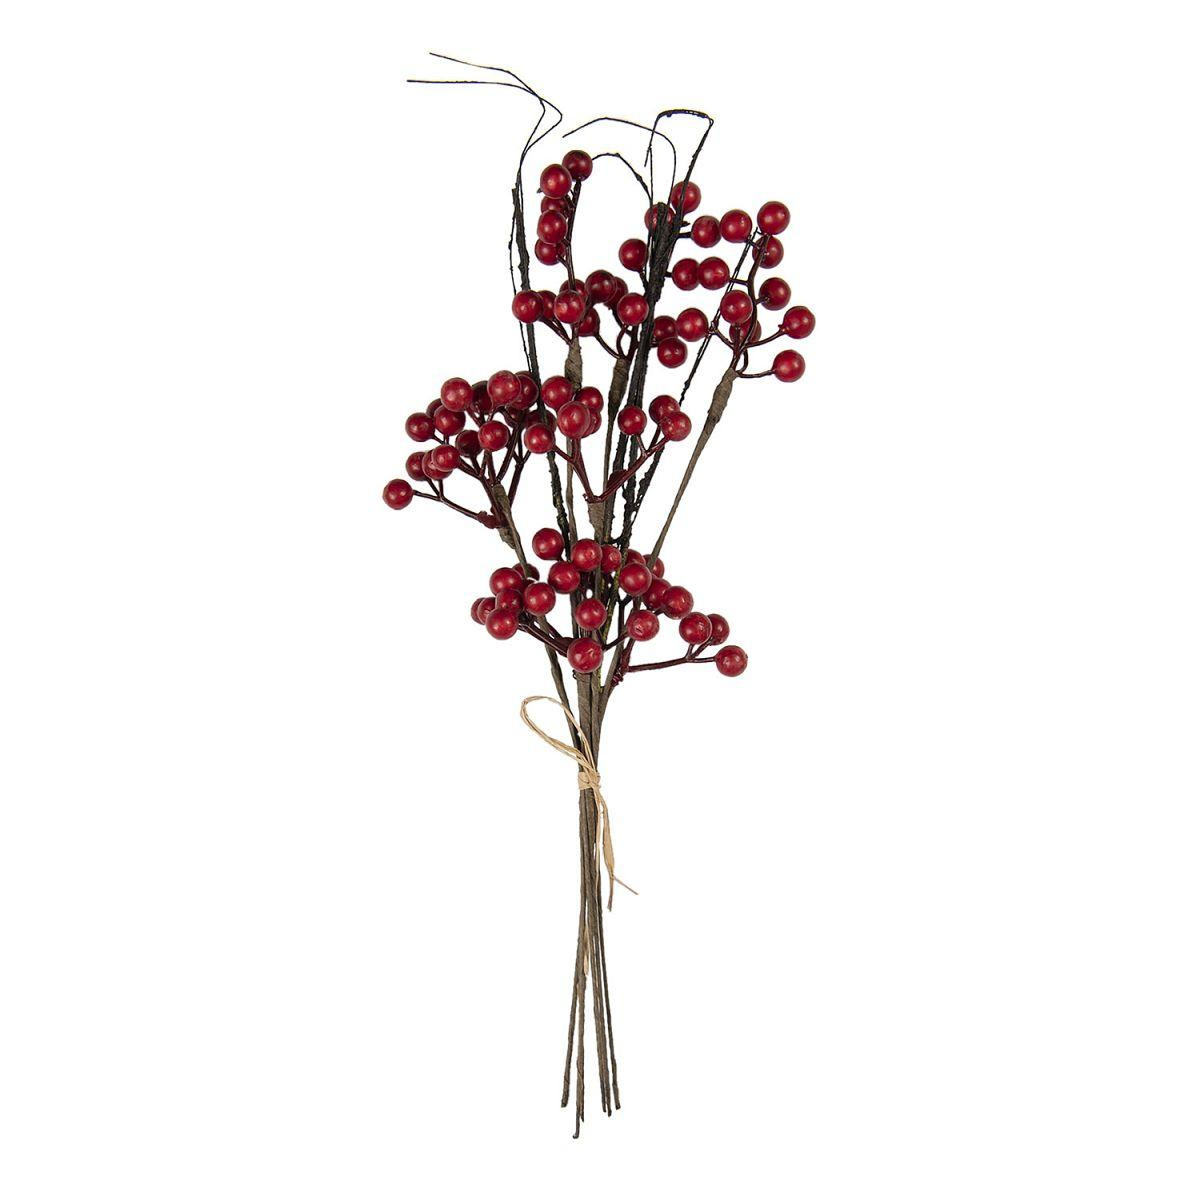 Větvička červených bobulí